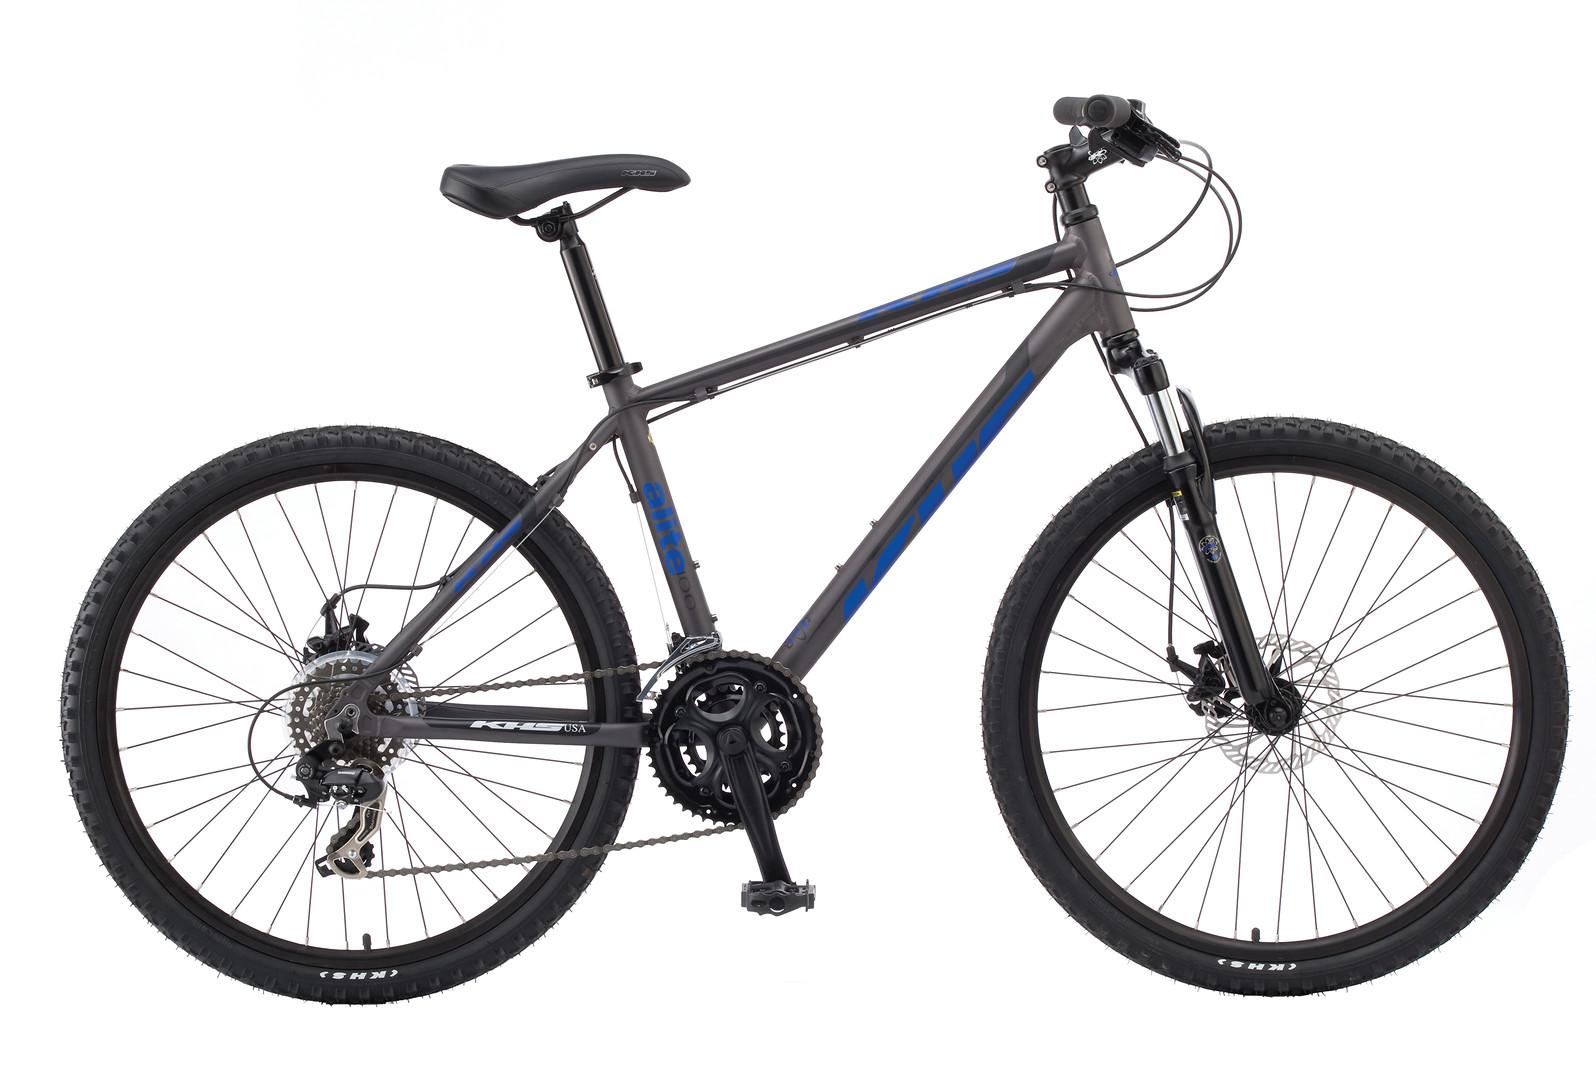 2013 KHS Alite 100 Bike 2013 Alite 100 - Ash Gray